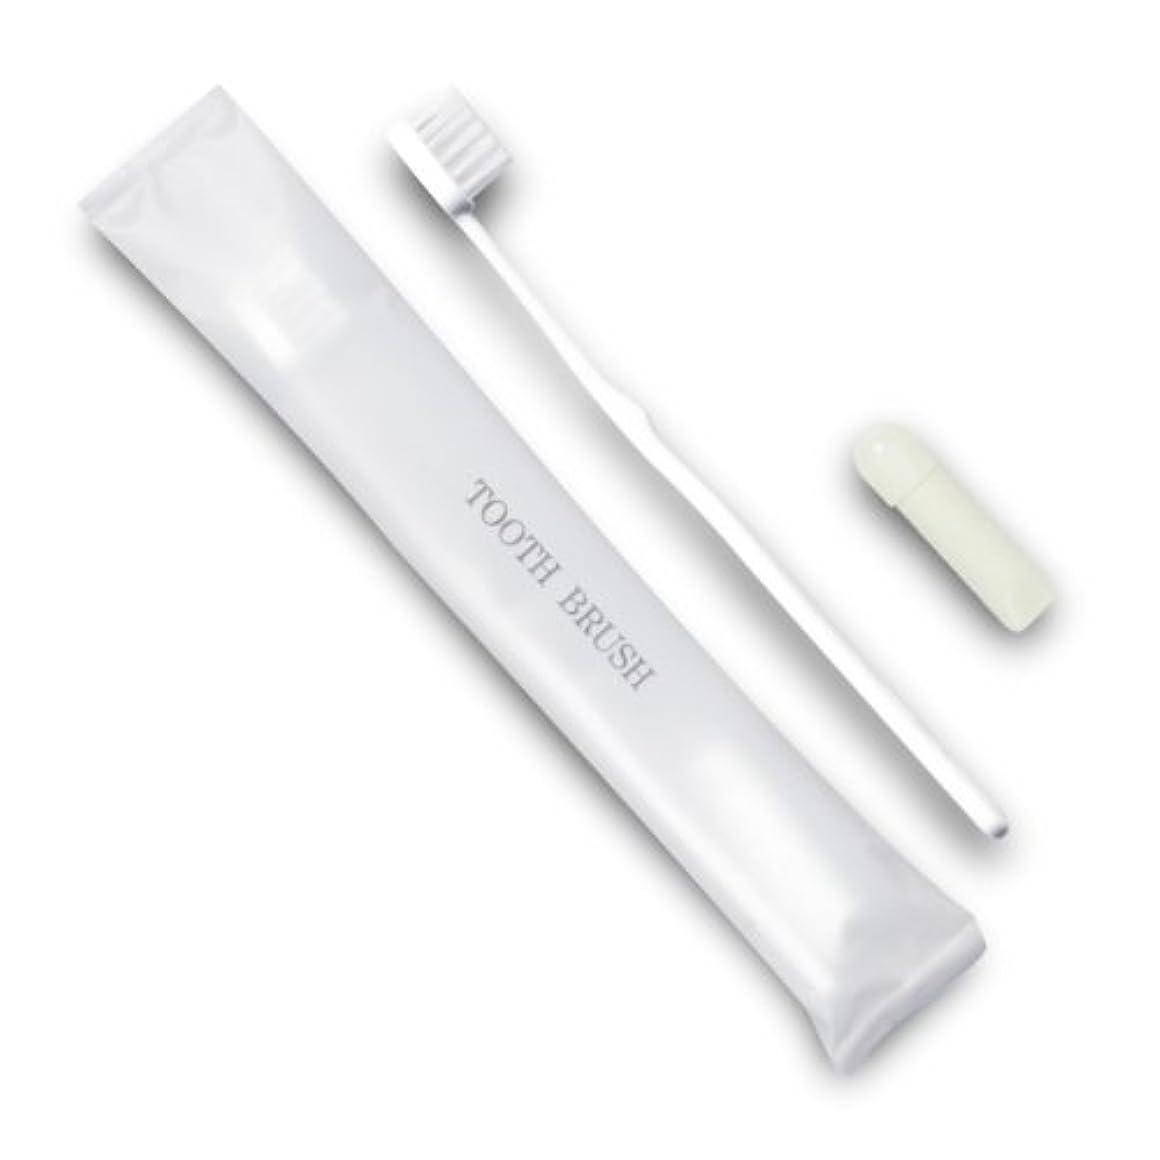 干渉するスラッシュ手つかずのホテル業務用歯ブラシ21穴(白)3gチューブ マット袋FタイプDX 1400本